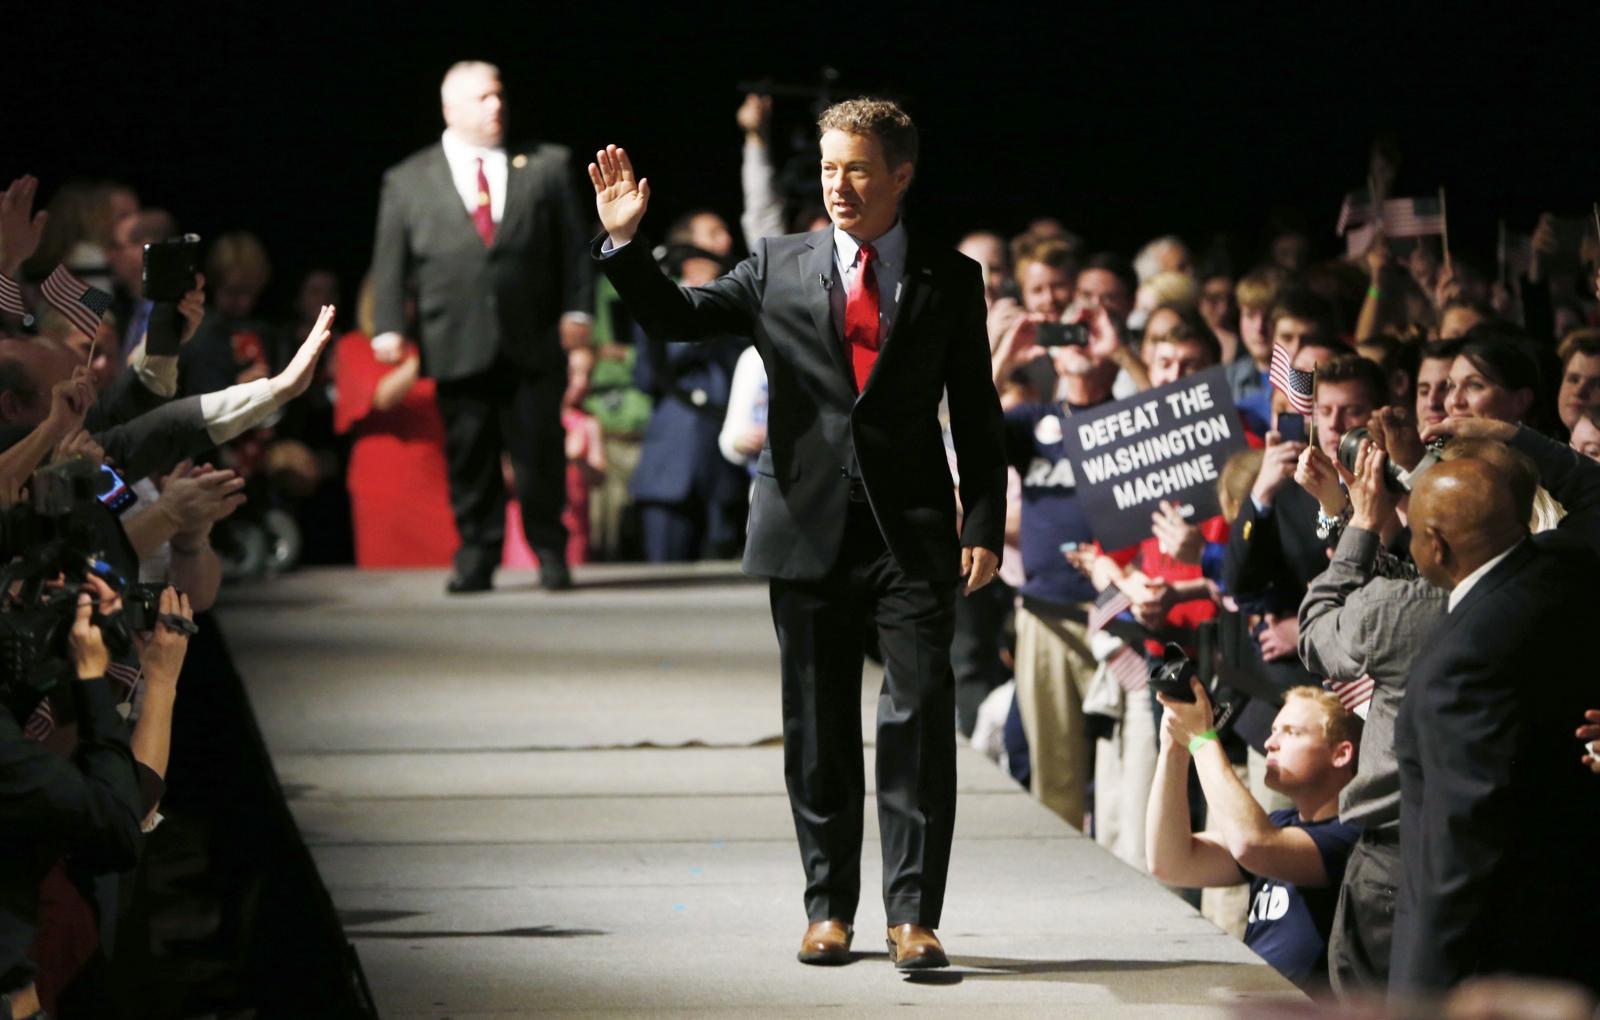 Rand Paul walks on stage in Louisville